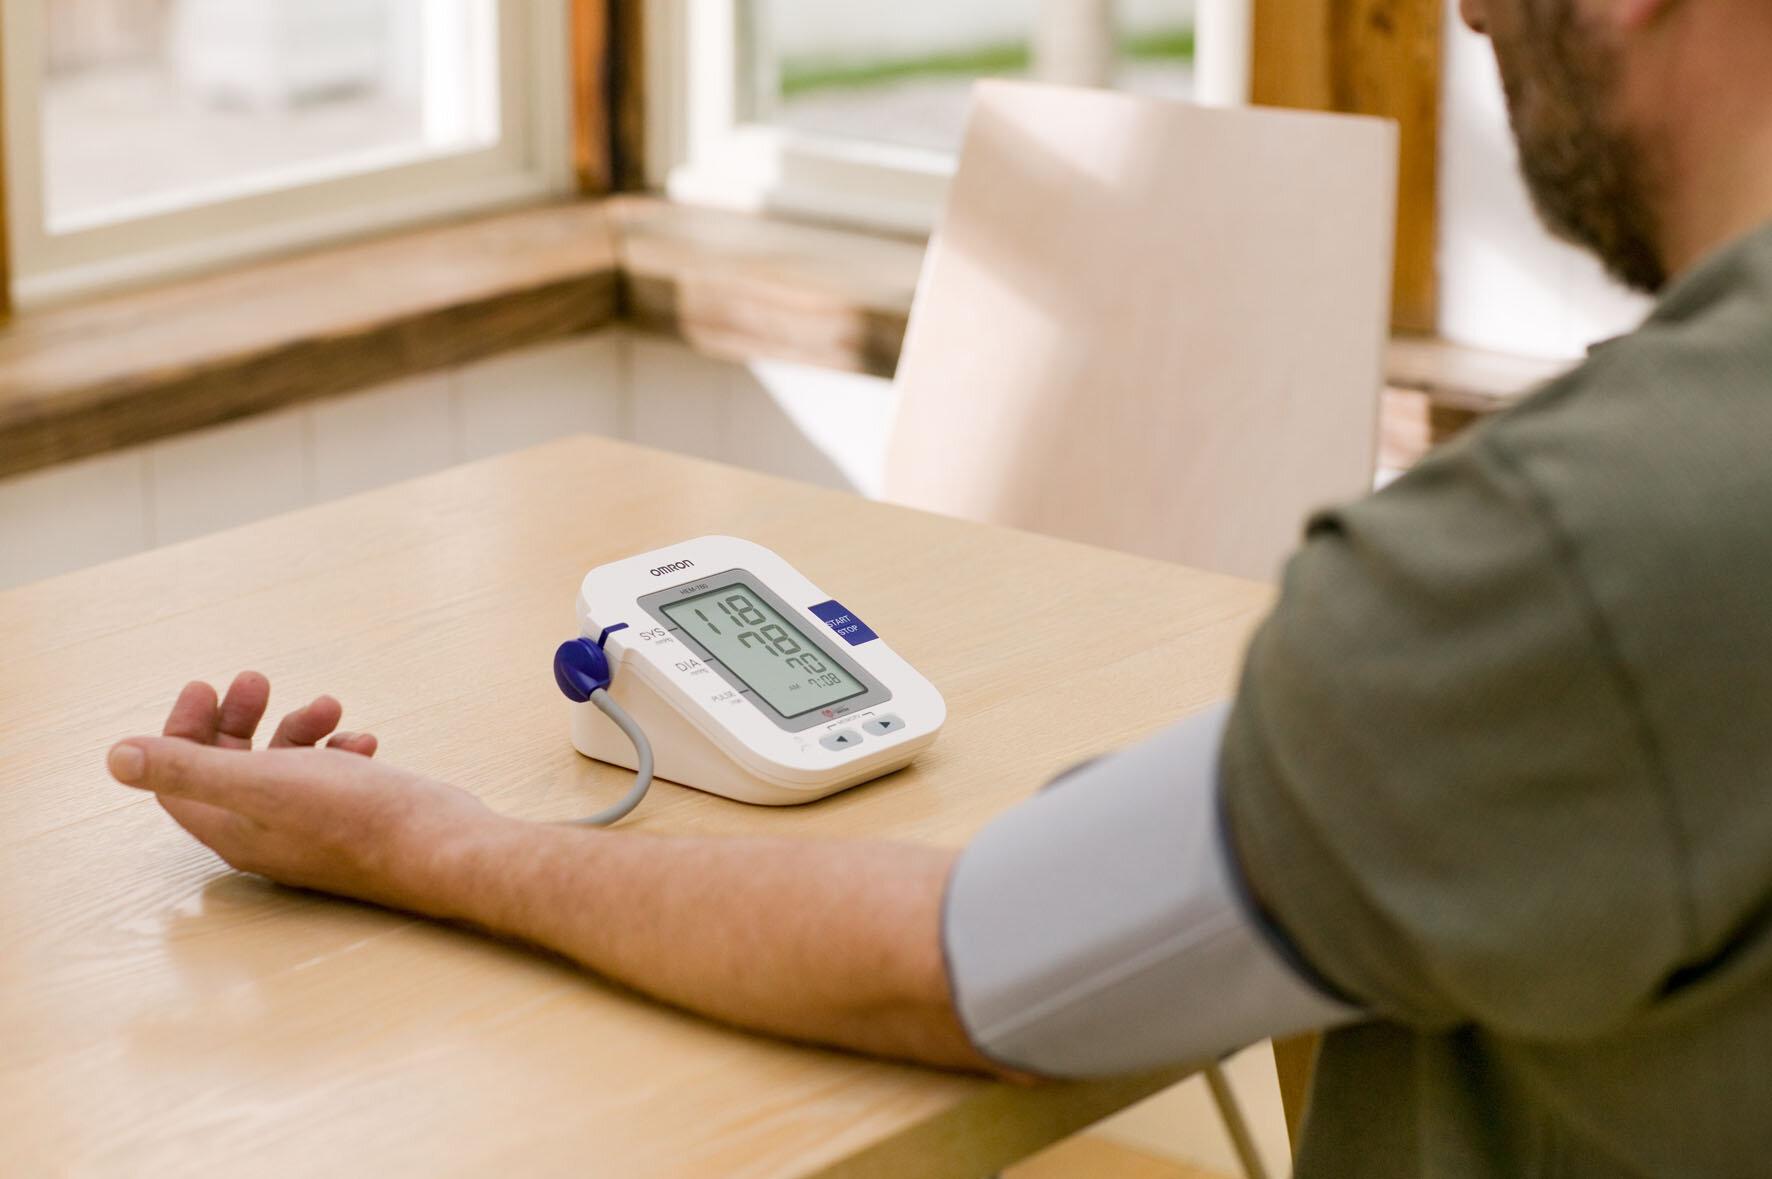 3 lưu ý khi sử dụng máy đo huyết áp điện tử